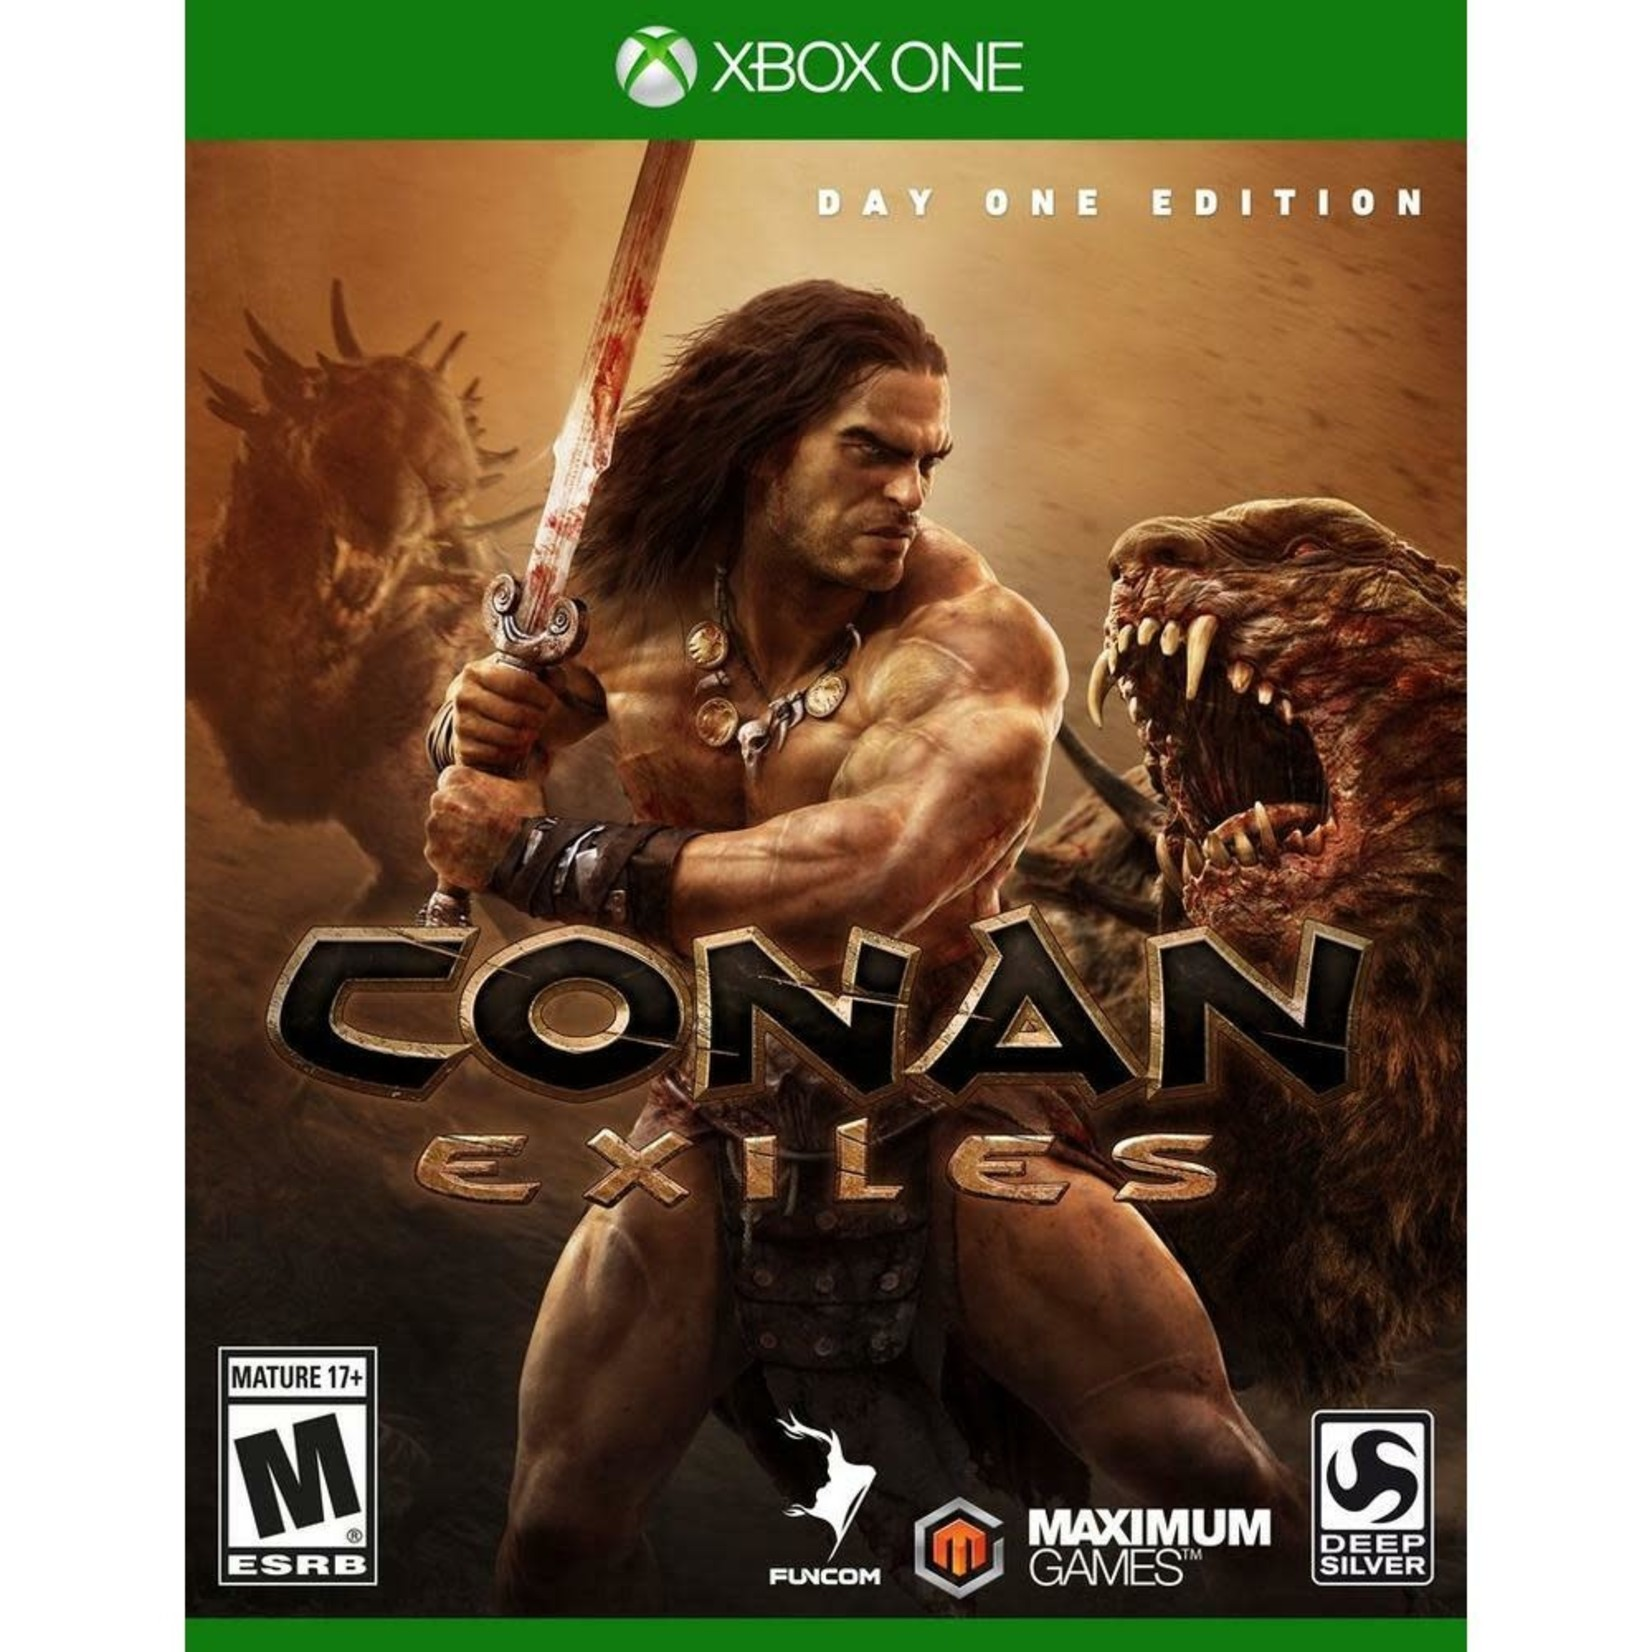 XB1-Conan Exiles